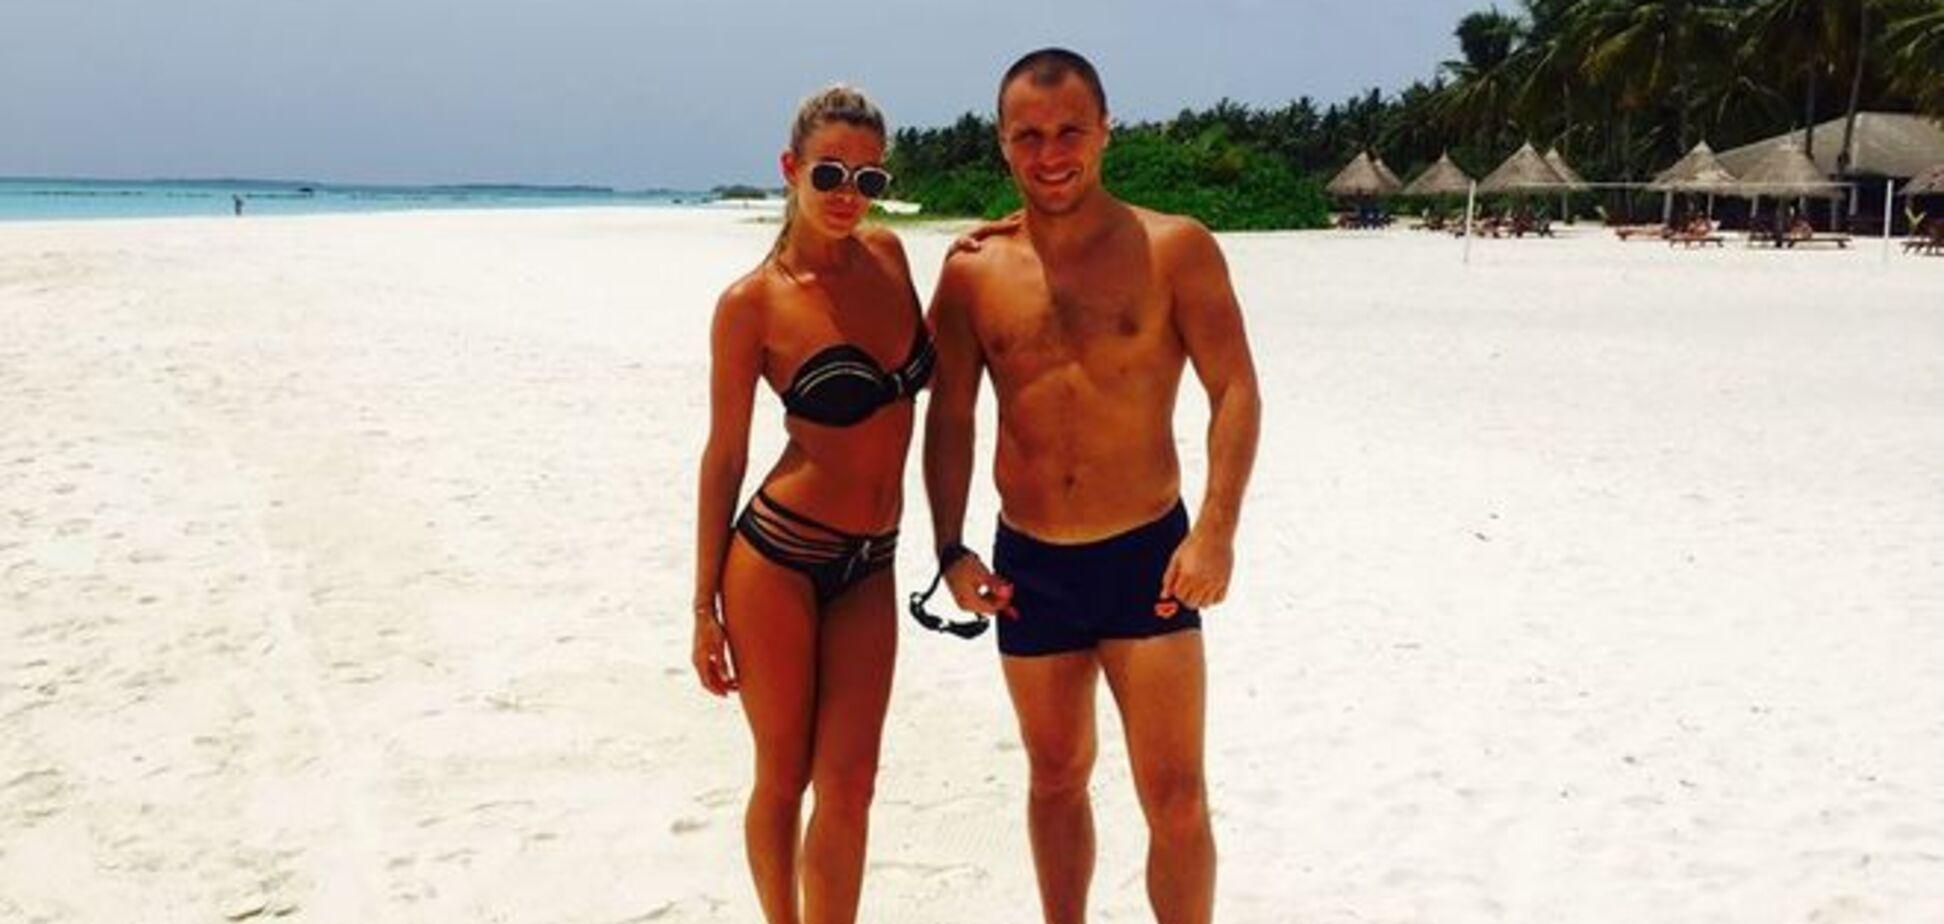 Український боксер похвалився палкими фото зі своєю дівчиною